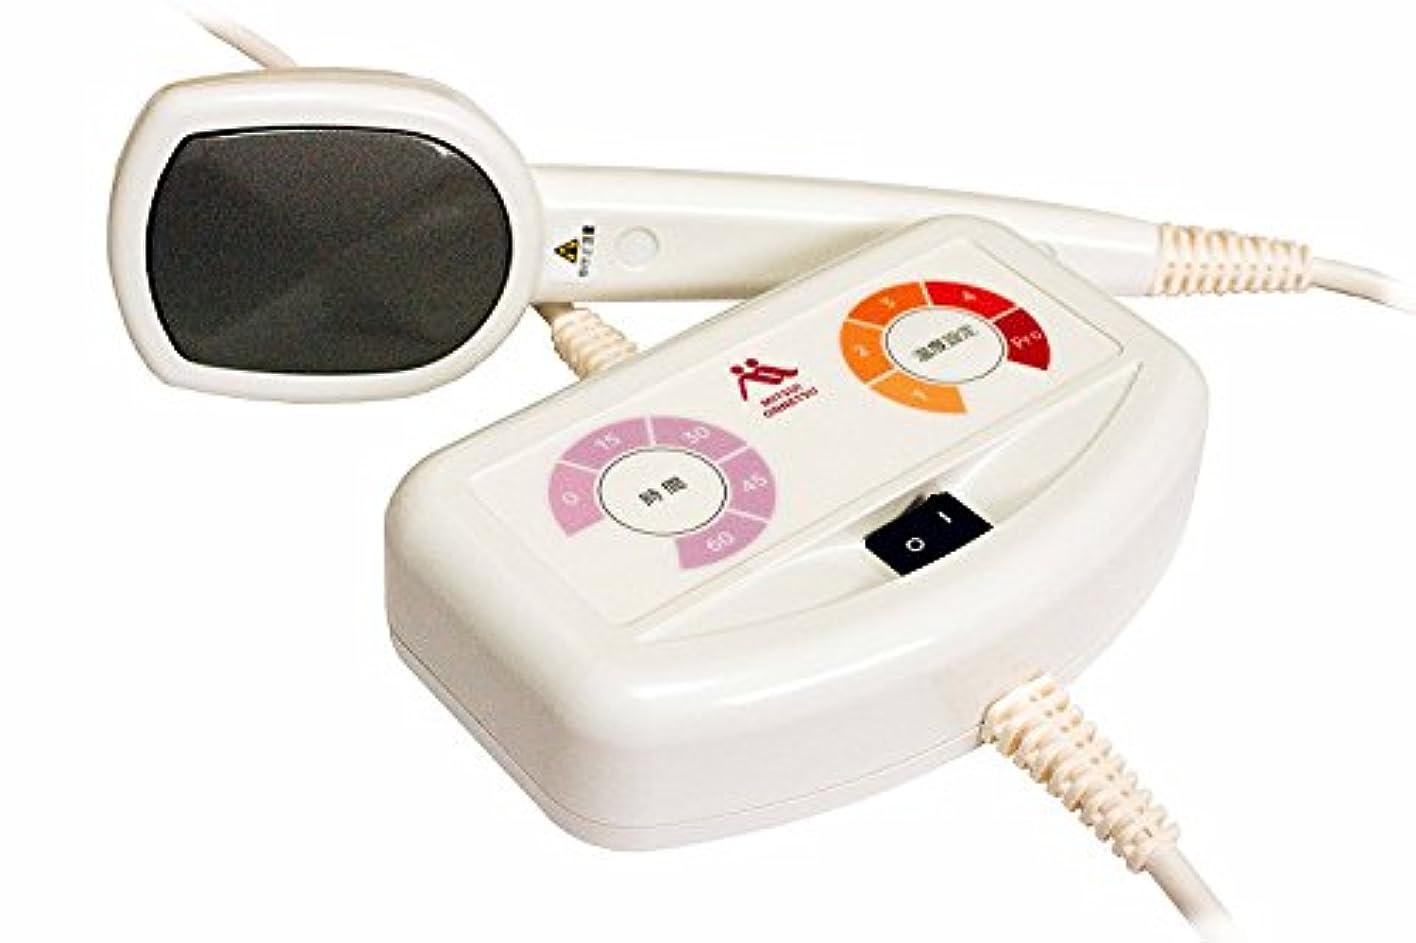 ランドマークサークルレイプ三井温熱治療器3